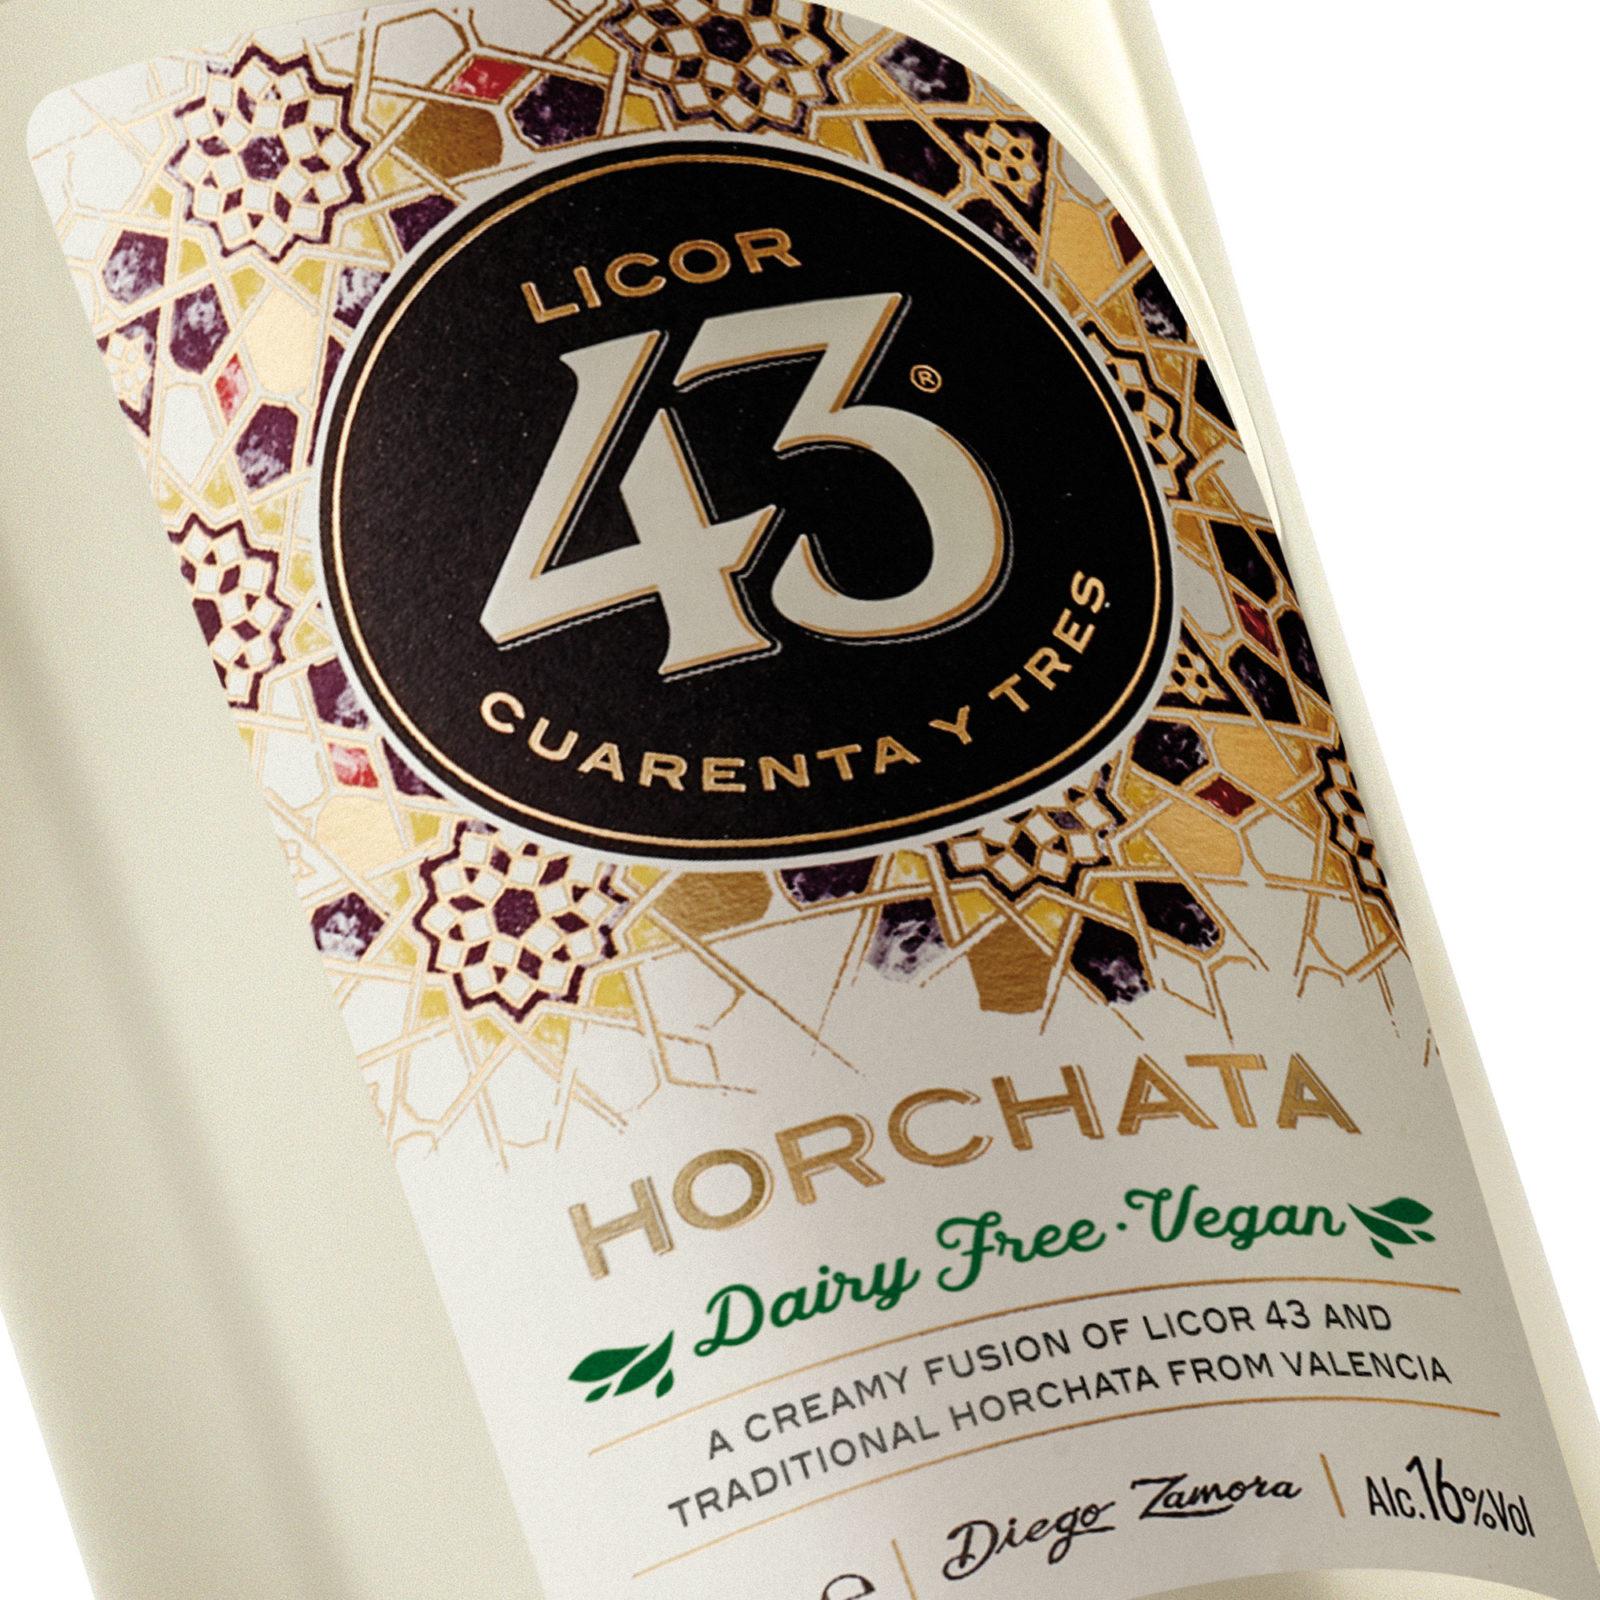 PRESENTAMOS NUESTRO LICOR 43 Horchata